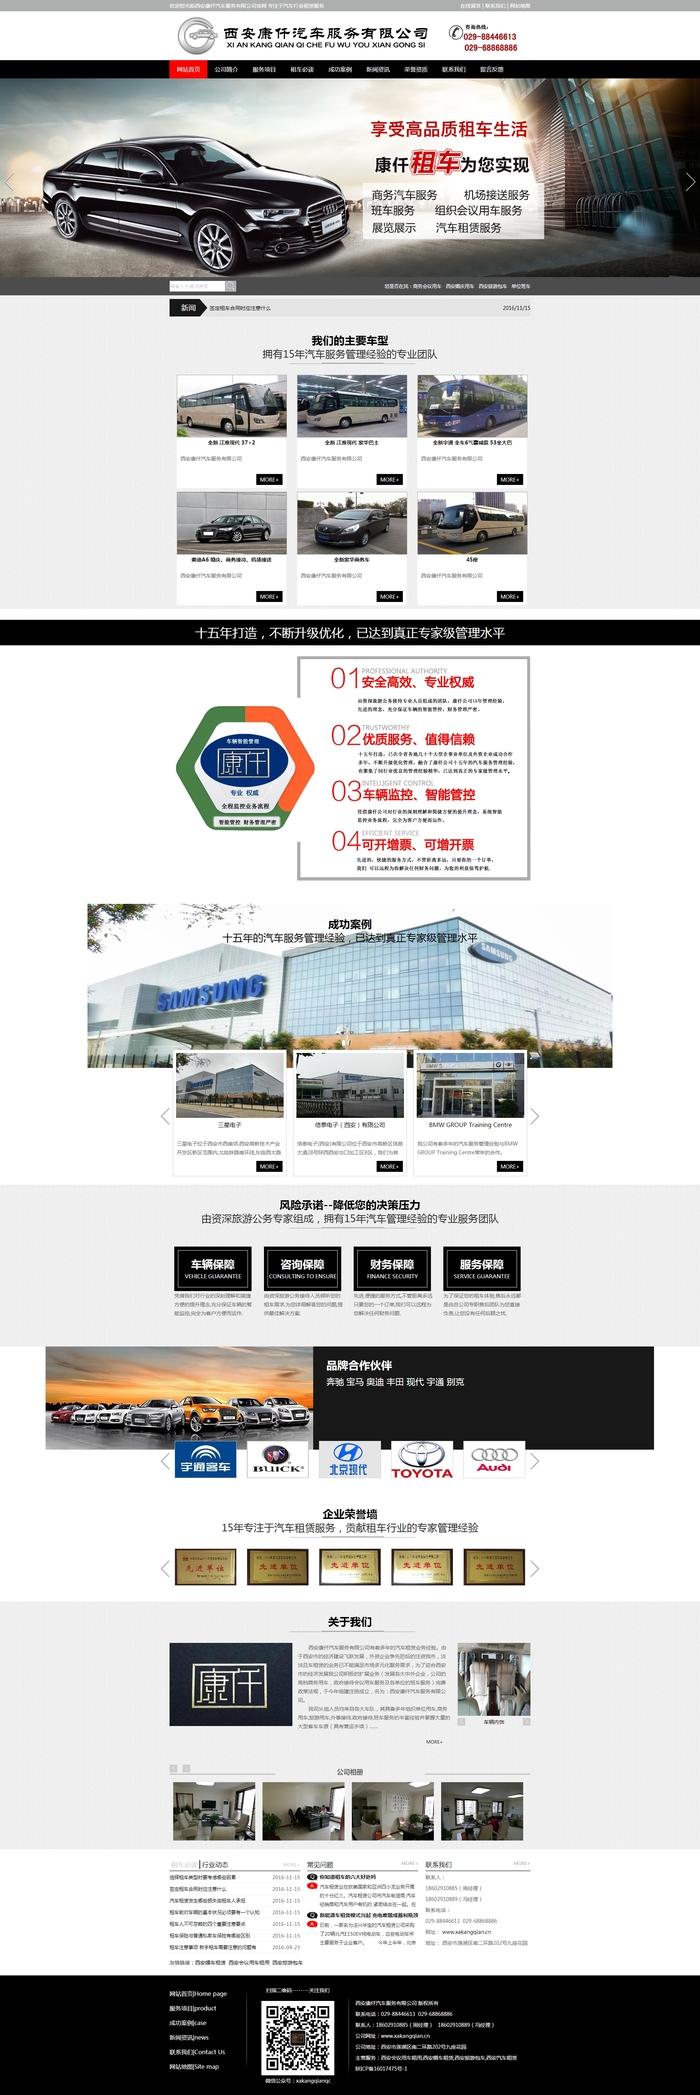 热烈祝贺西安康仟汽车服务有限公司加入铭赞富海360营销推广服务网站高端大气上档次!